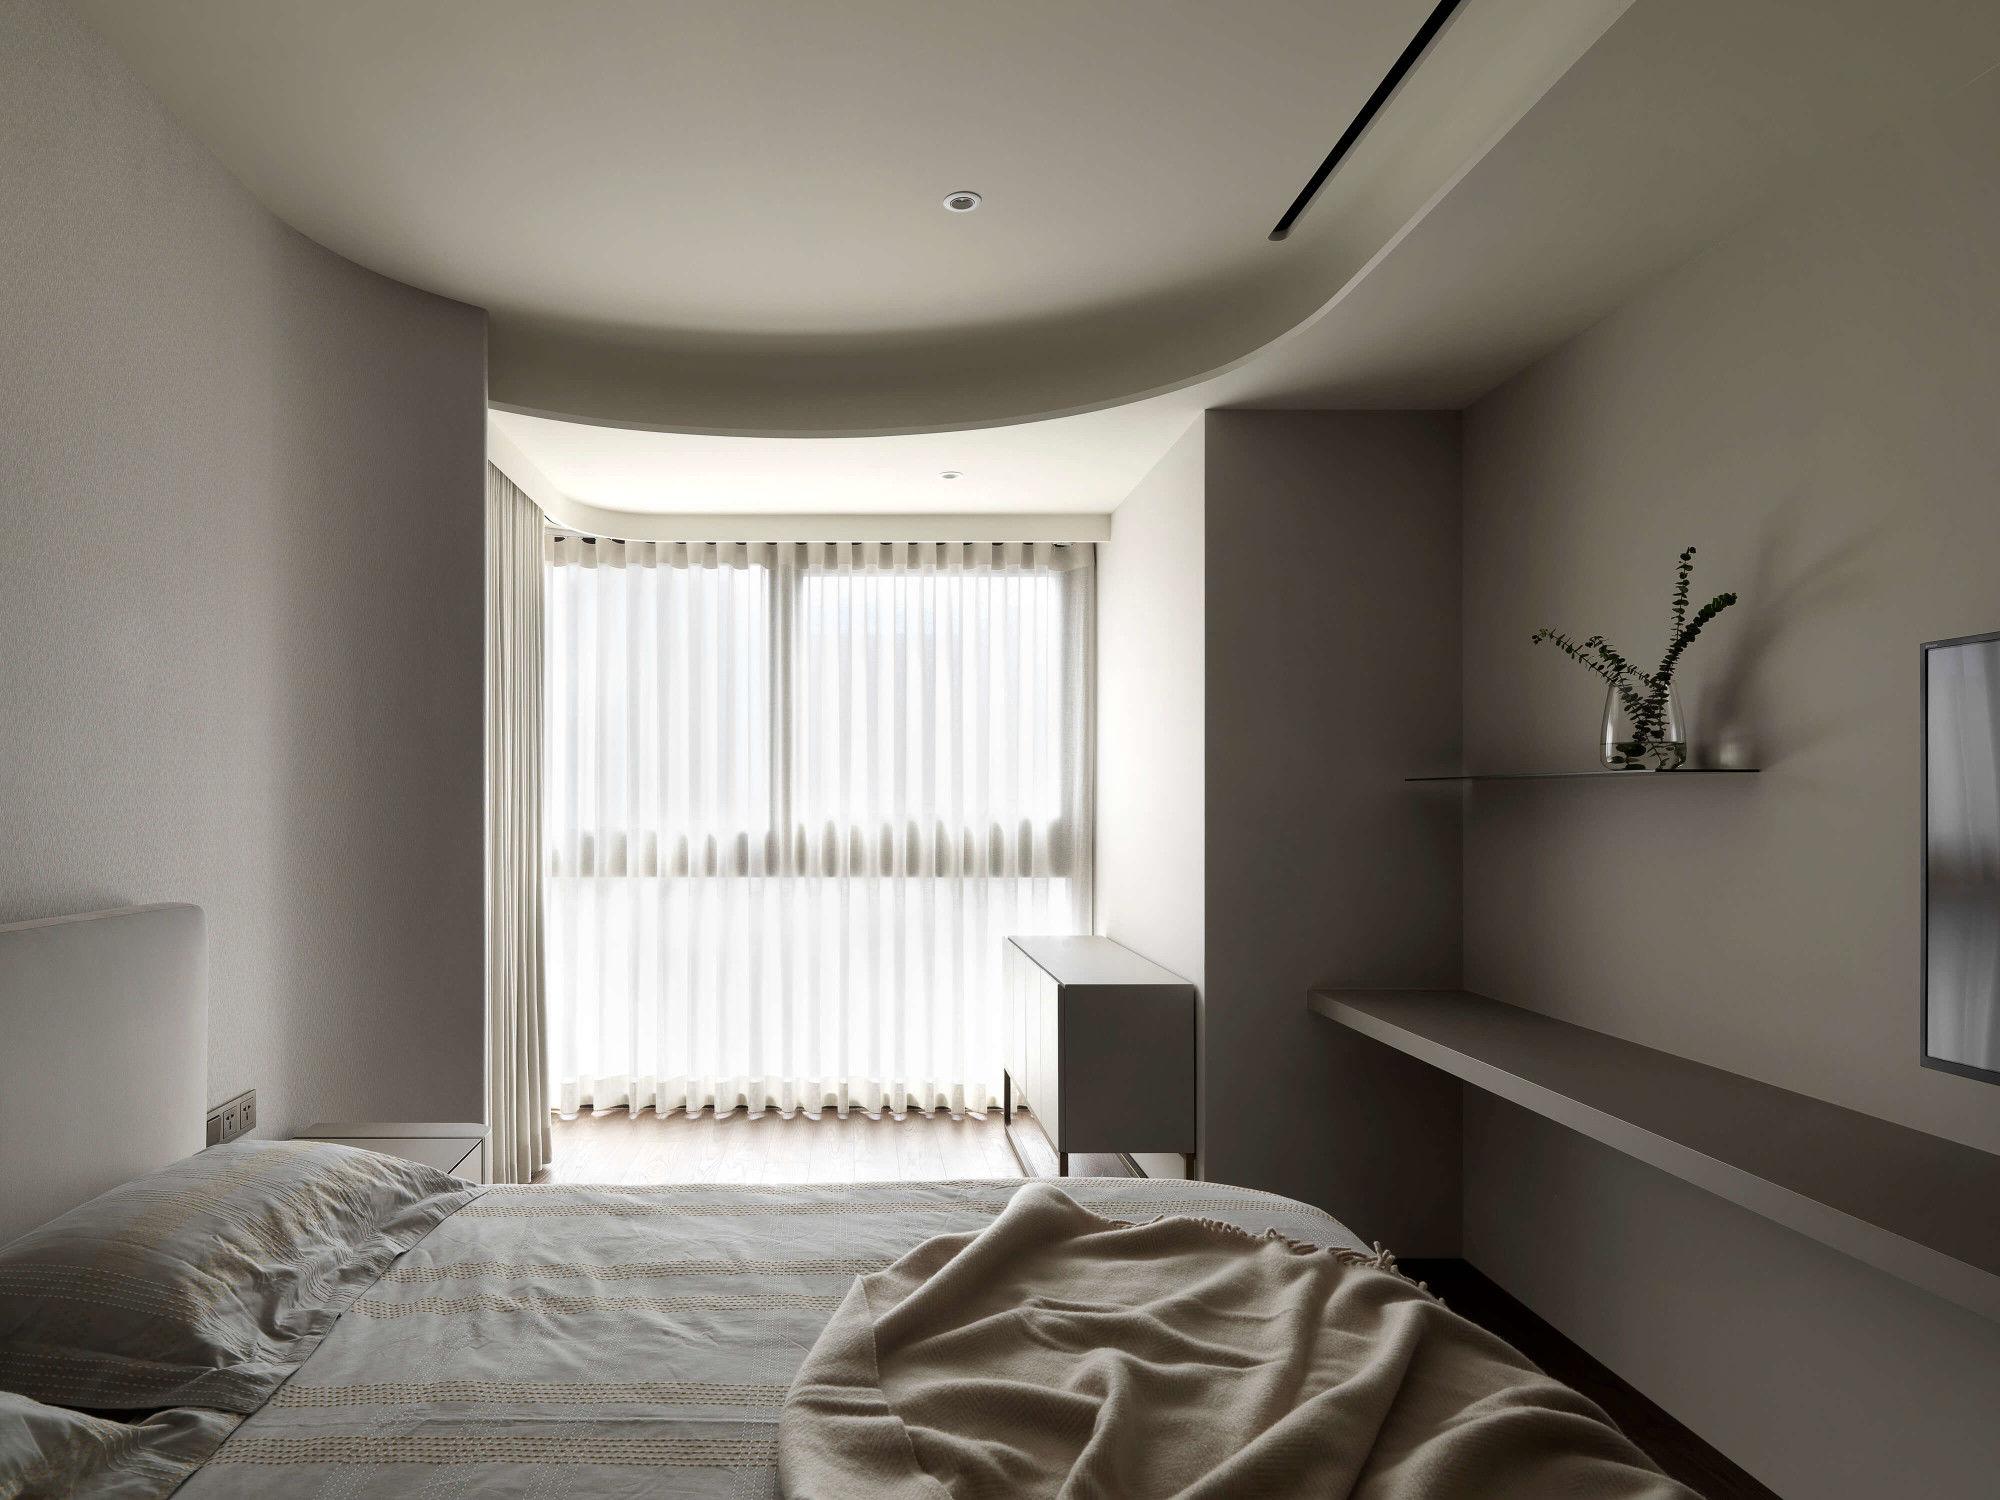 分子室內裝修設計-台中七期現代風格-臥室空間設計、弧形天花、落地窗景